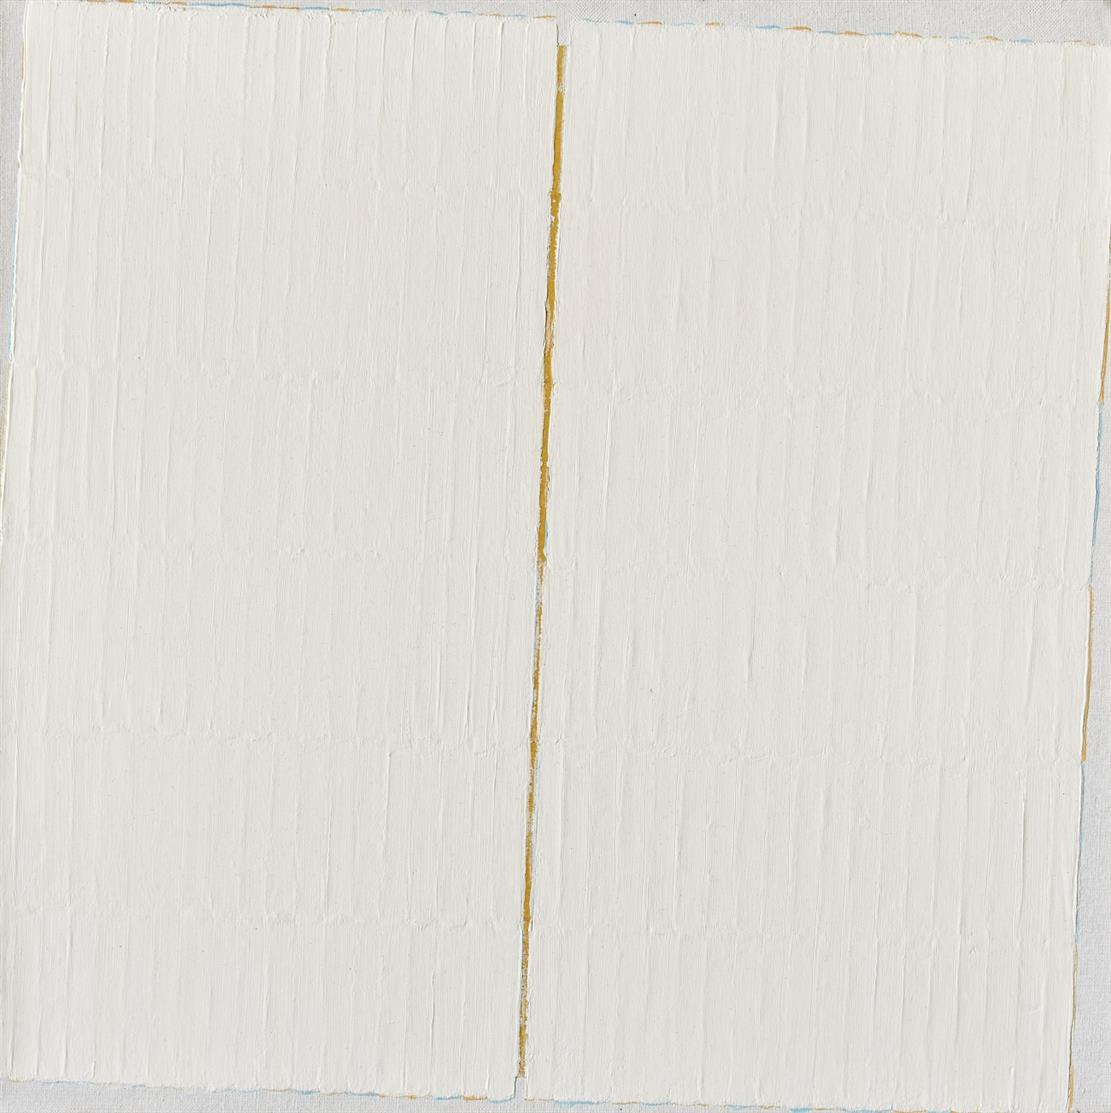 Johannes Geccelli. Weiß auf der Kippe, 2001. Öl auf Leinwand. Signiert.